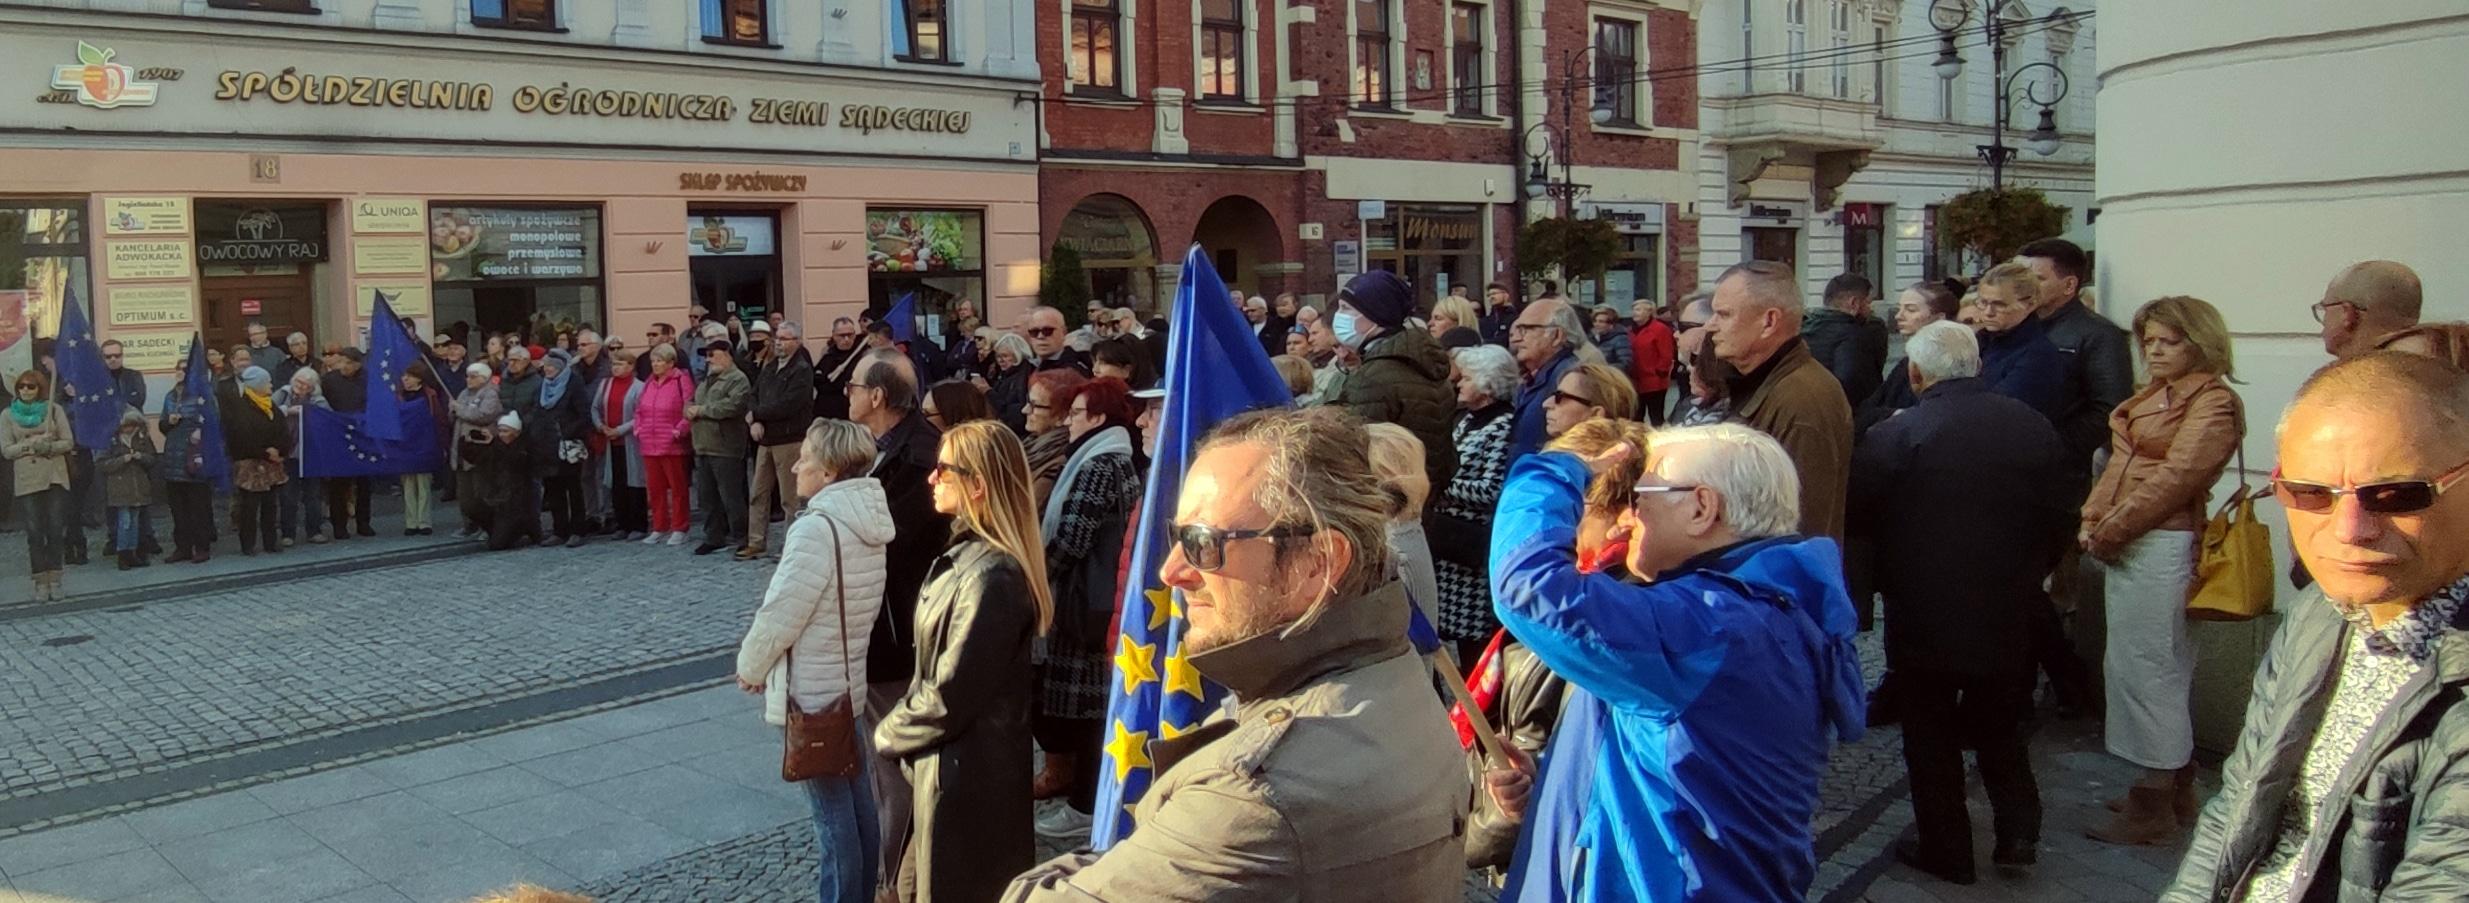 manifestacja antyrządowa w Nowym Sączu